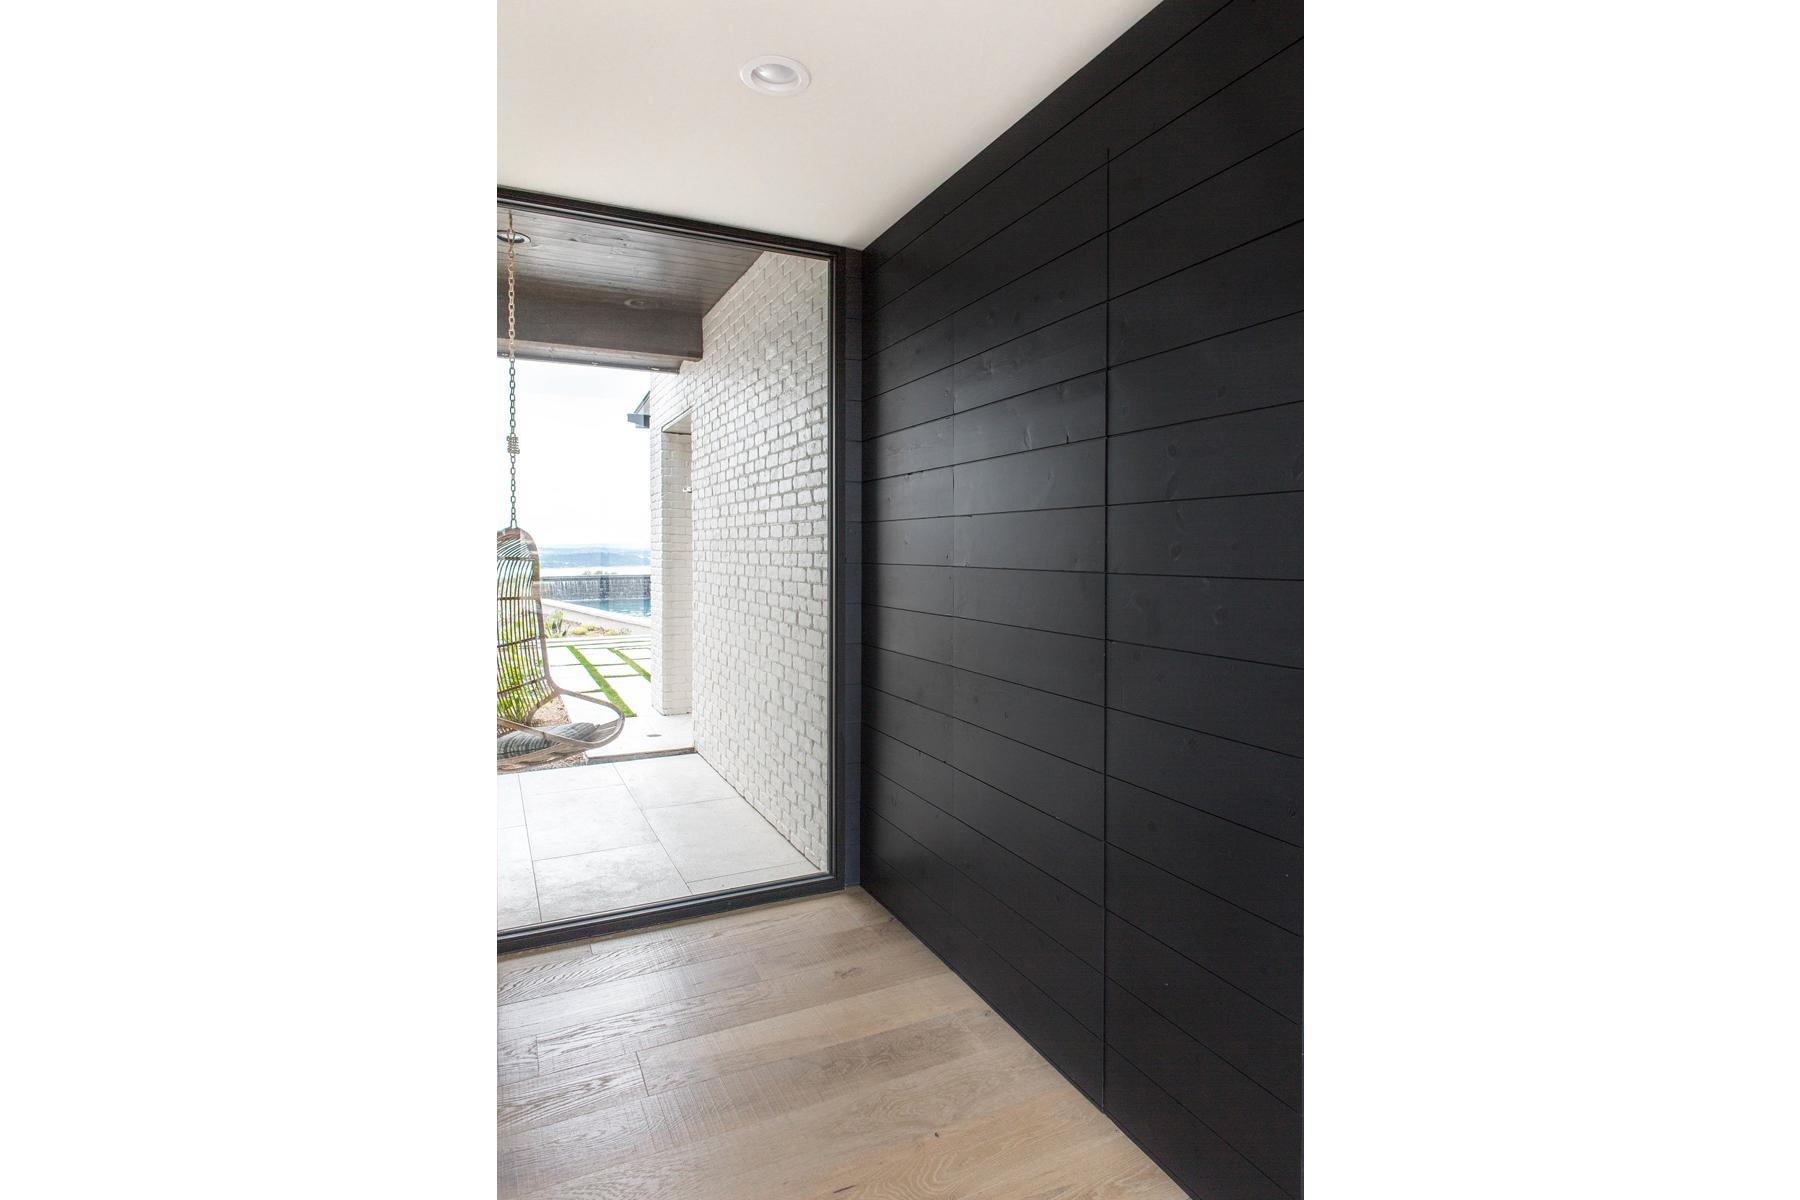 Peninsula Residence - detail